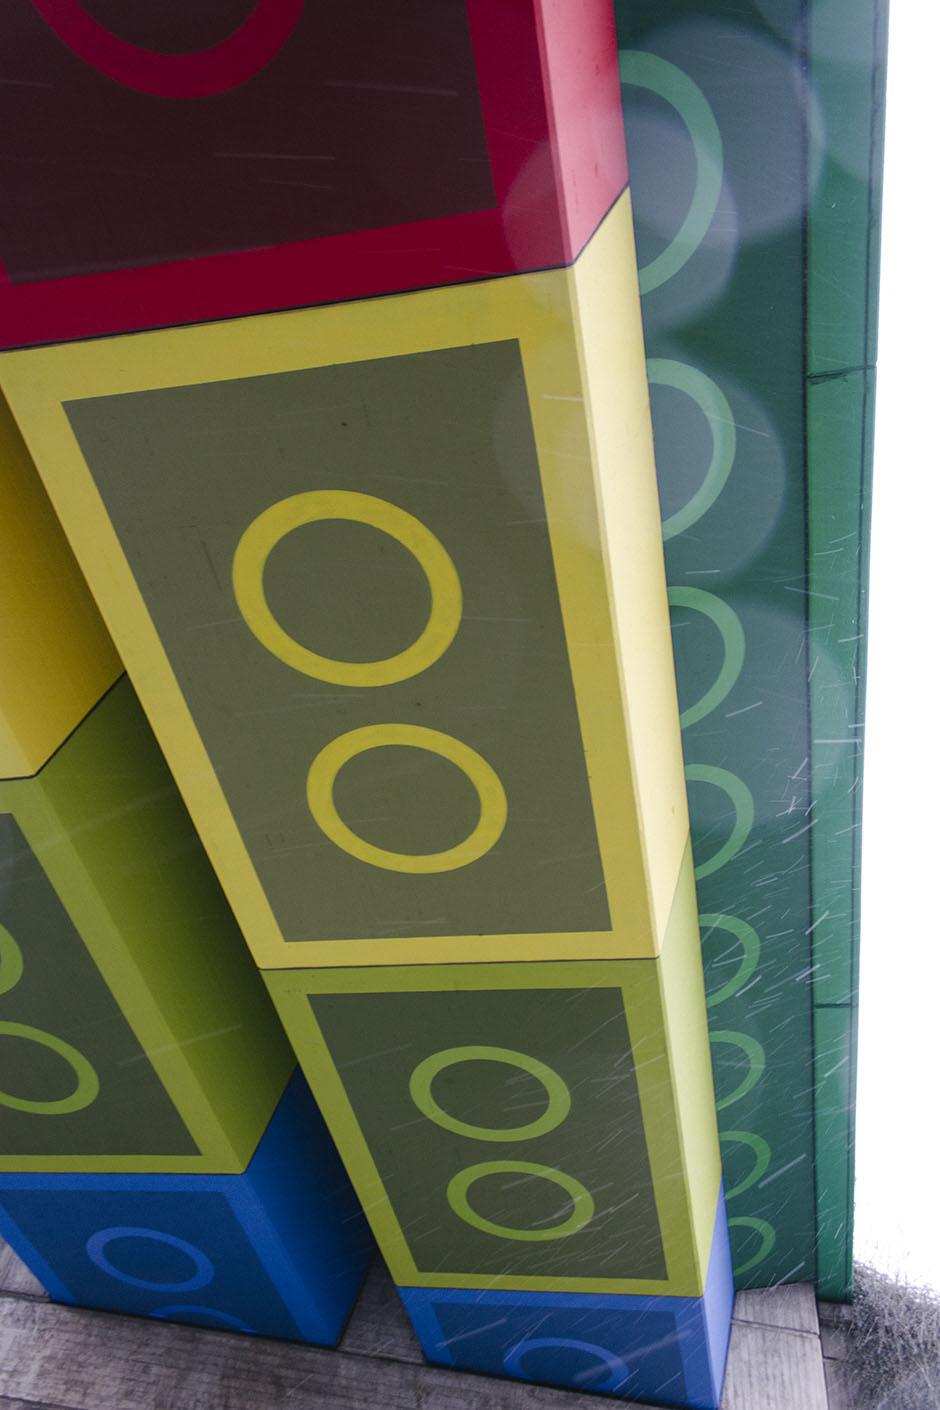 lego bridge in wuppertal.